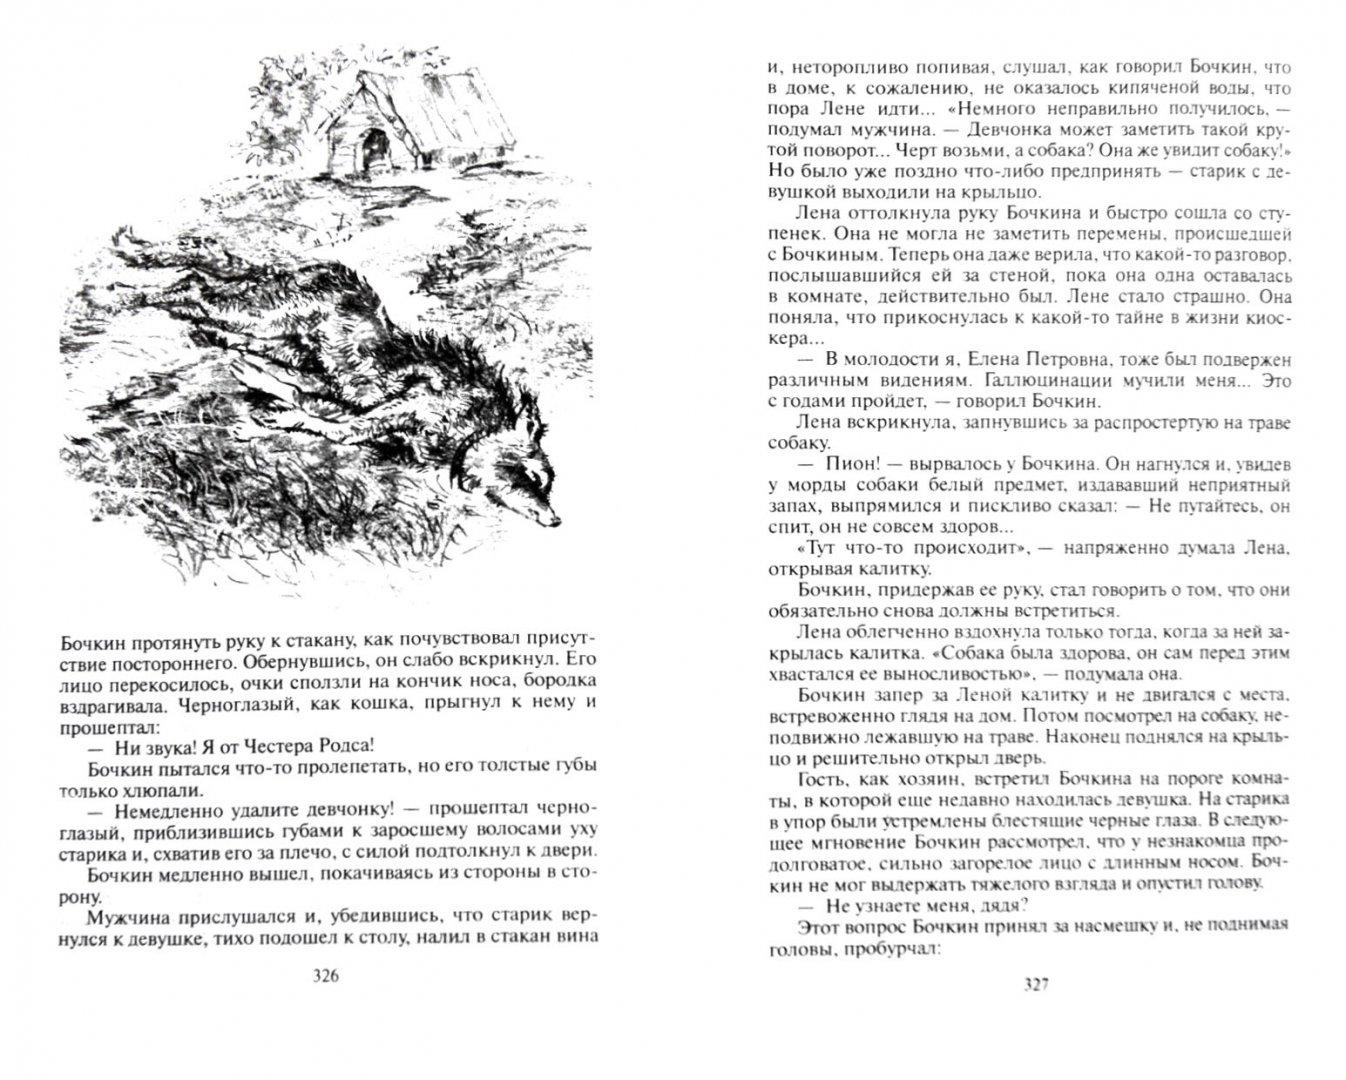 Иллюстрация 1 из 10 для Недоступная тайна - Клавдий Дербенев | Лабиринт - книги. Источник: Лабиринт